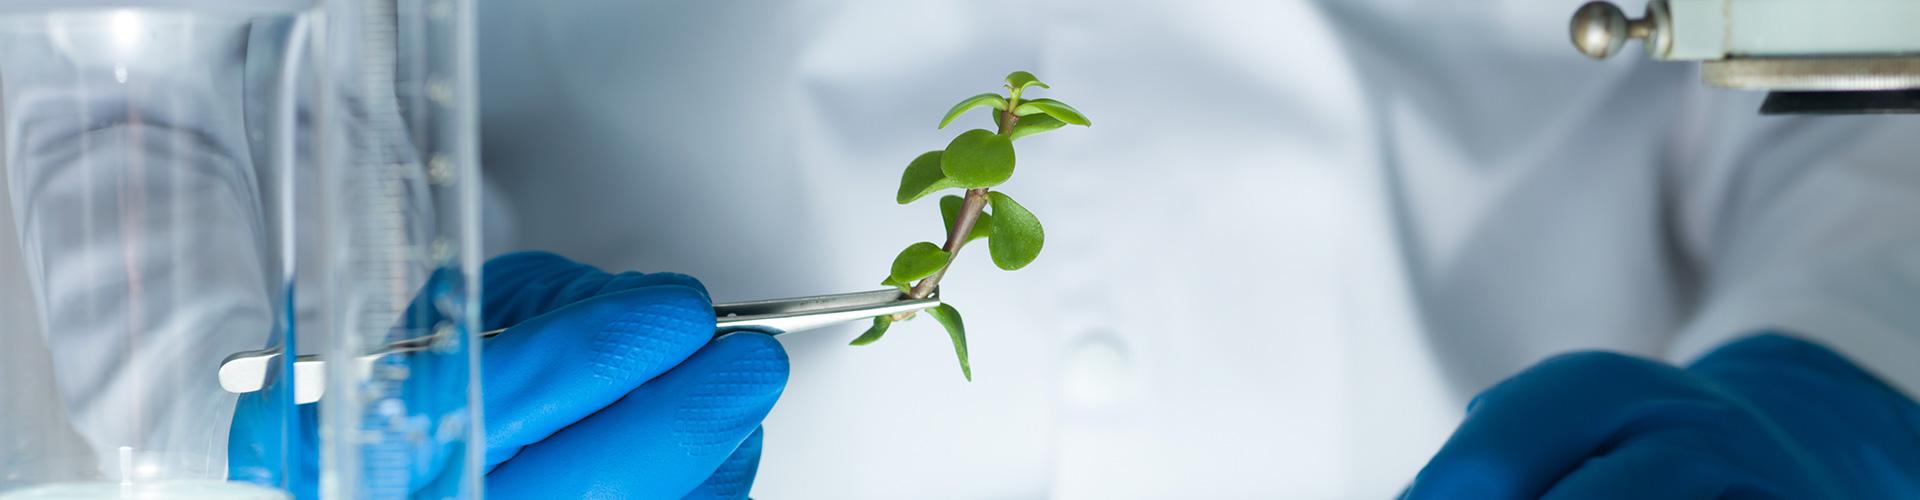 ramita de una planta cogida con pinzas